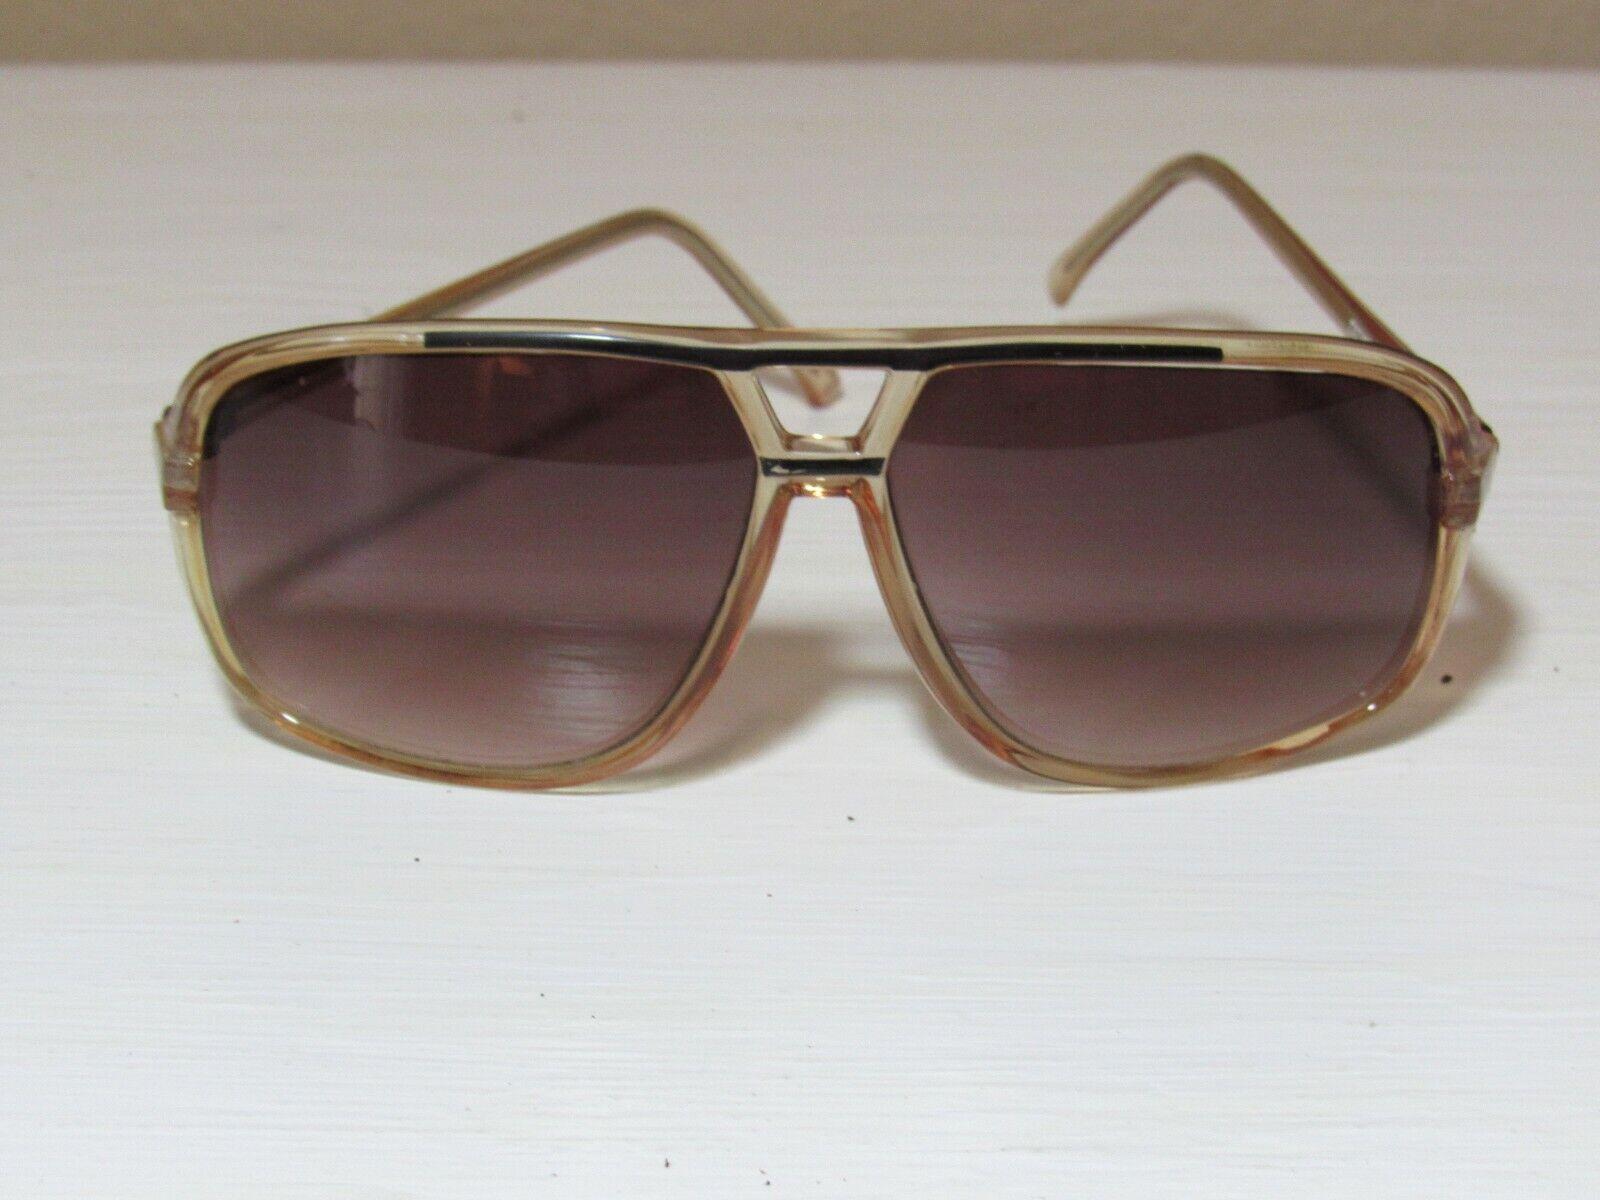 Vintage Aviator Sunglasses Brown Unisex